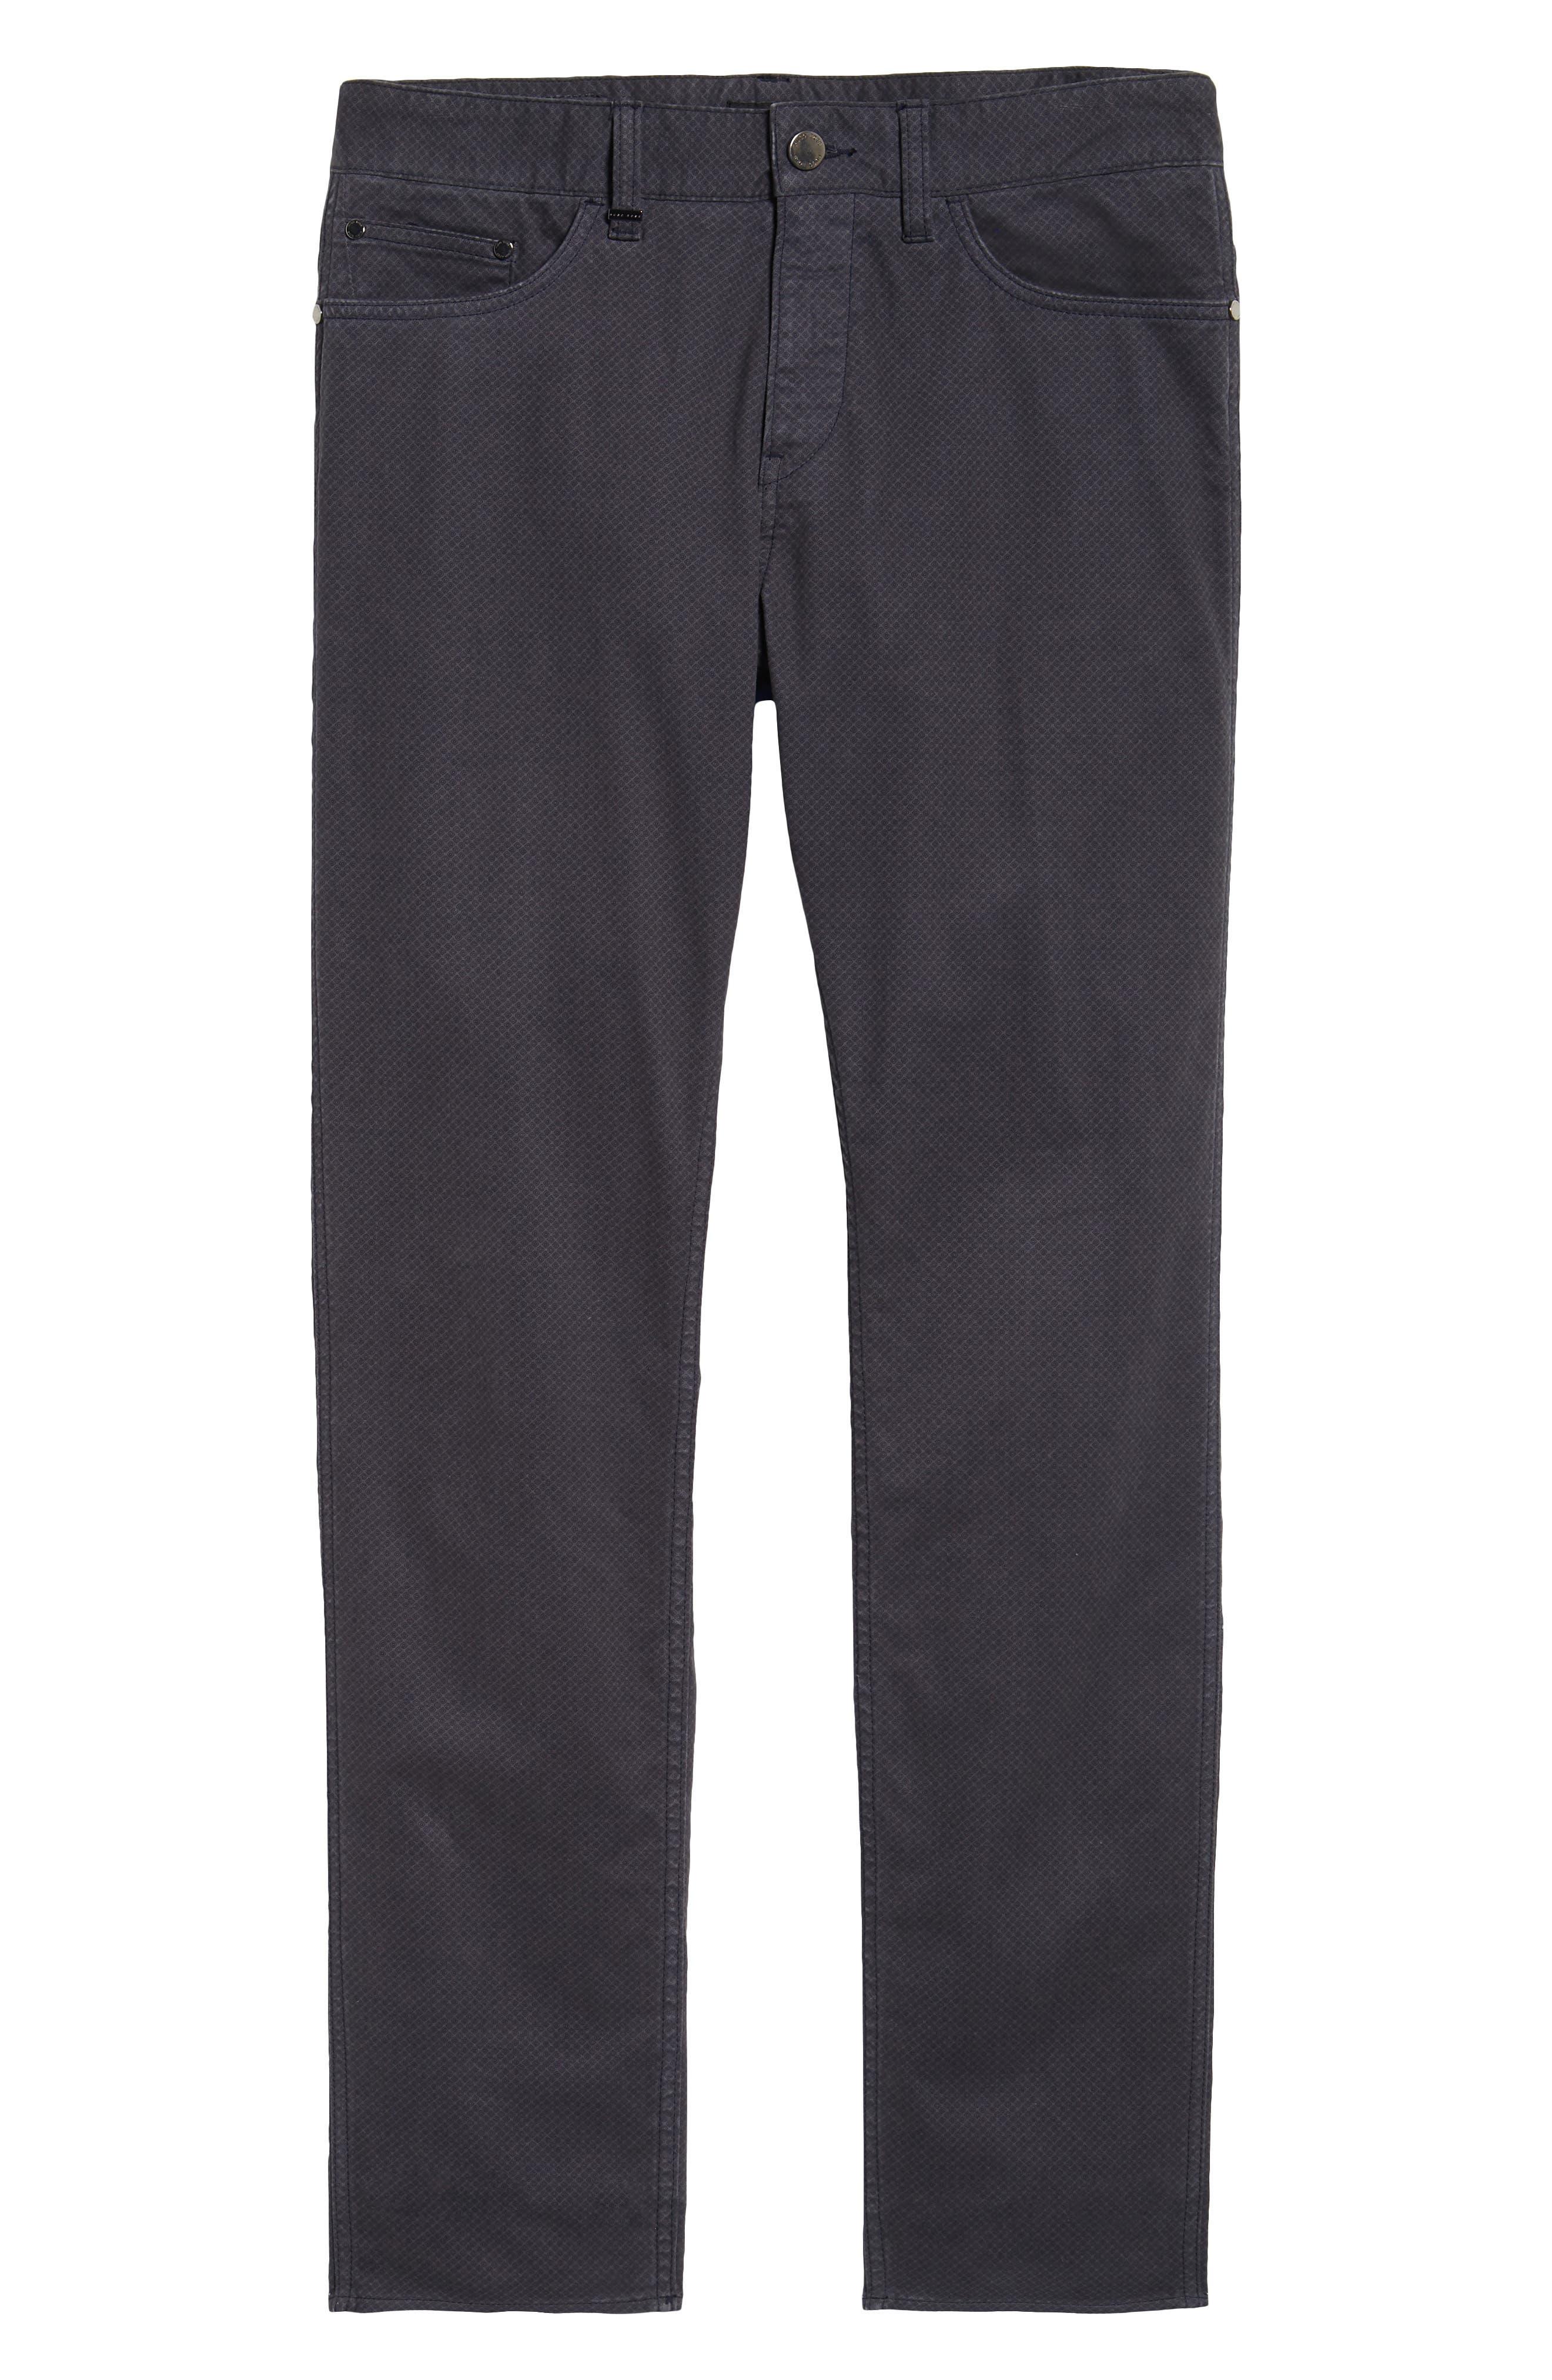 Delaware Slim Fit Pants,                             Alternate thumbnail 6, color,                             022